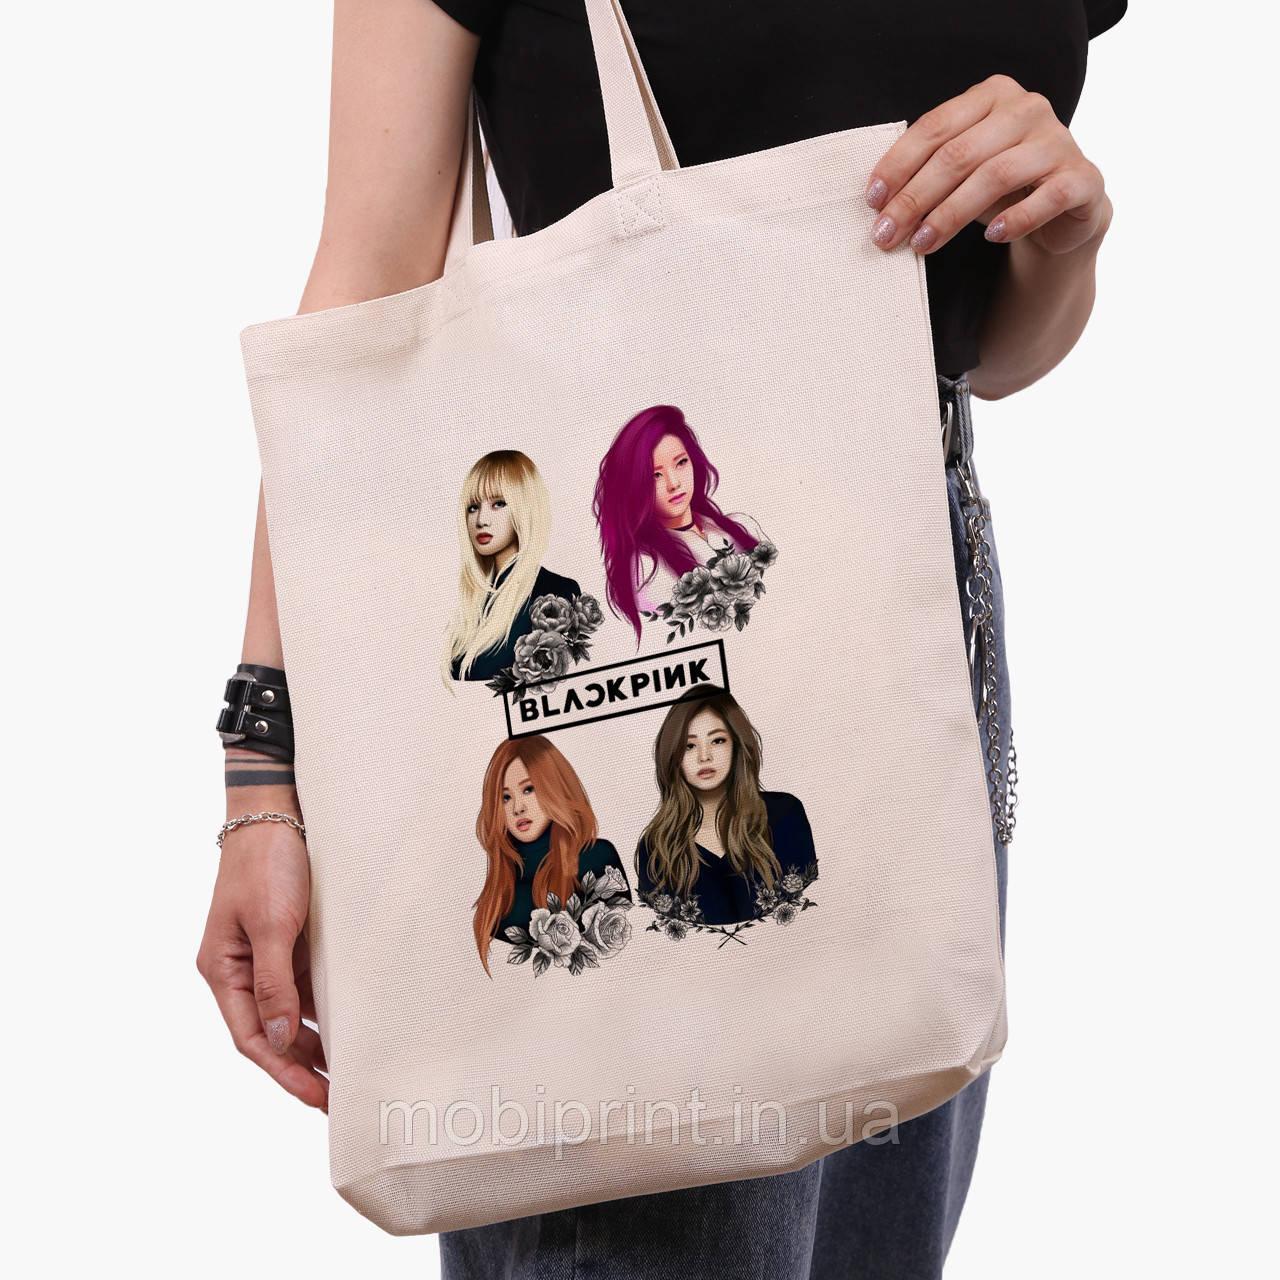 Эко сумка шоппер черная Блек Пинк (BlackPink) (9227-1341-2)  экосумка шопер 41*35 см